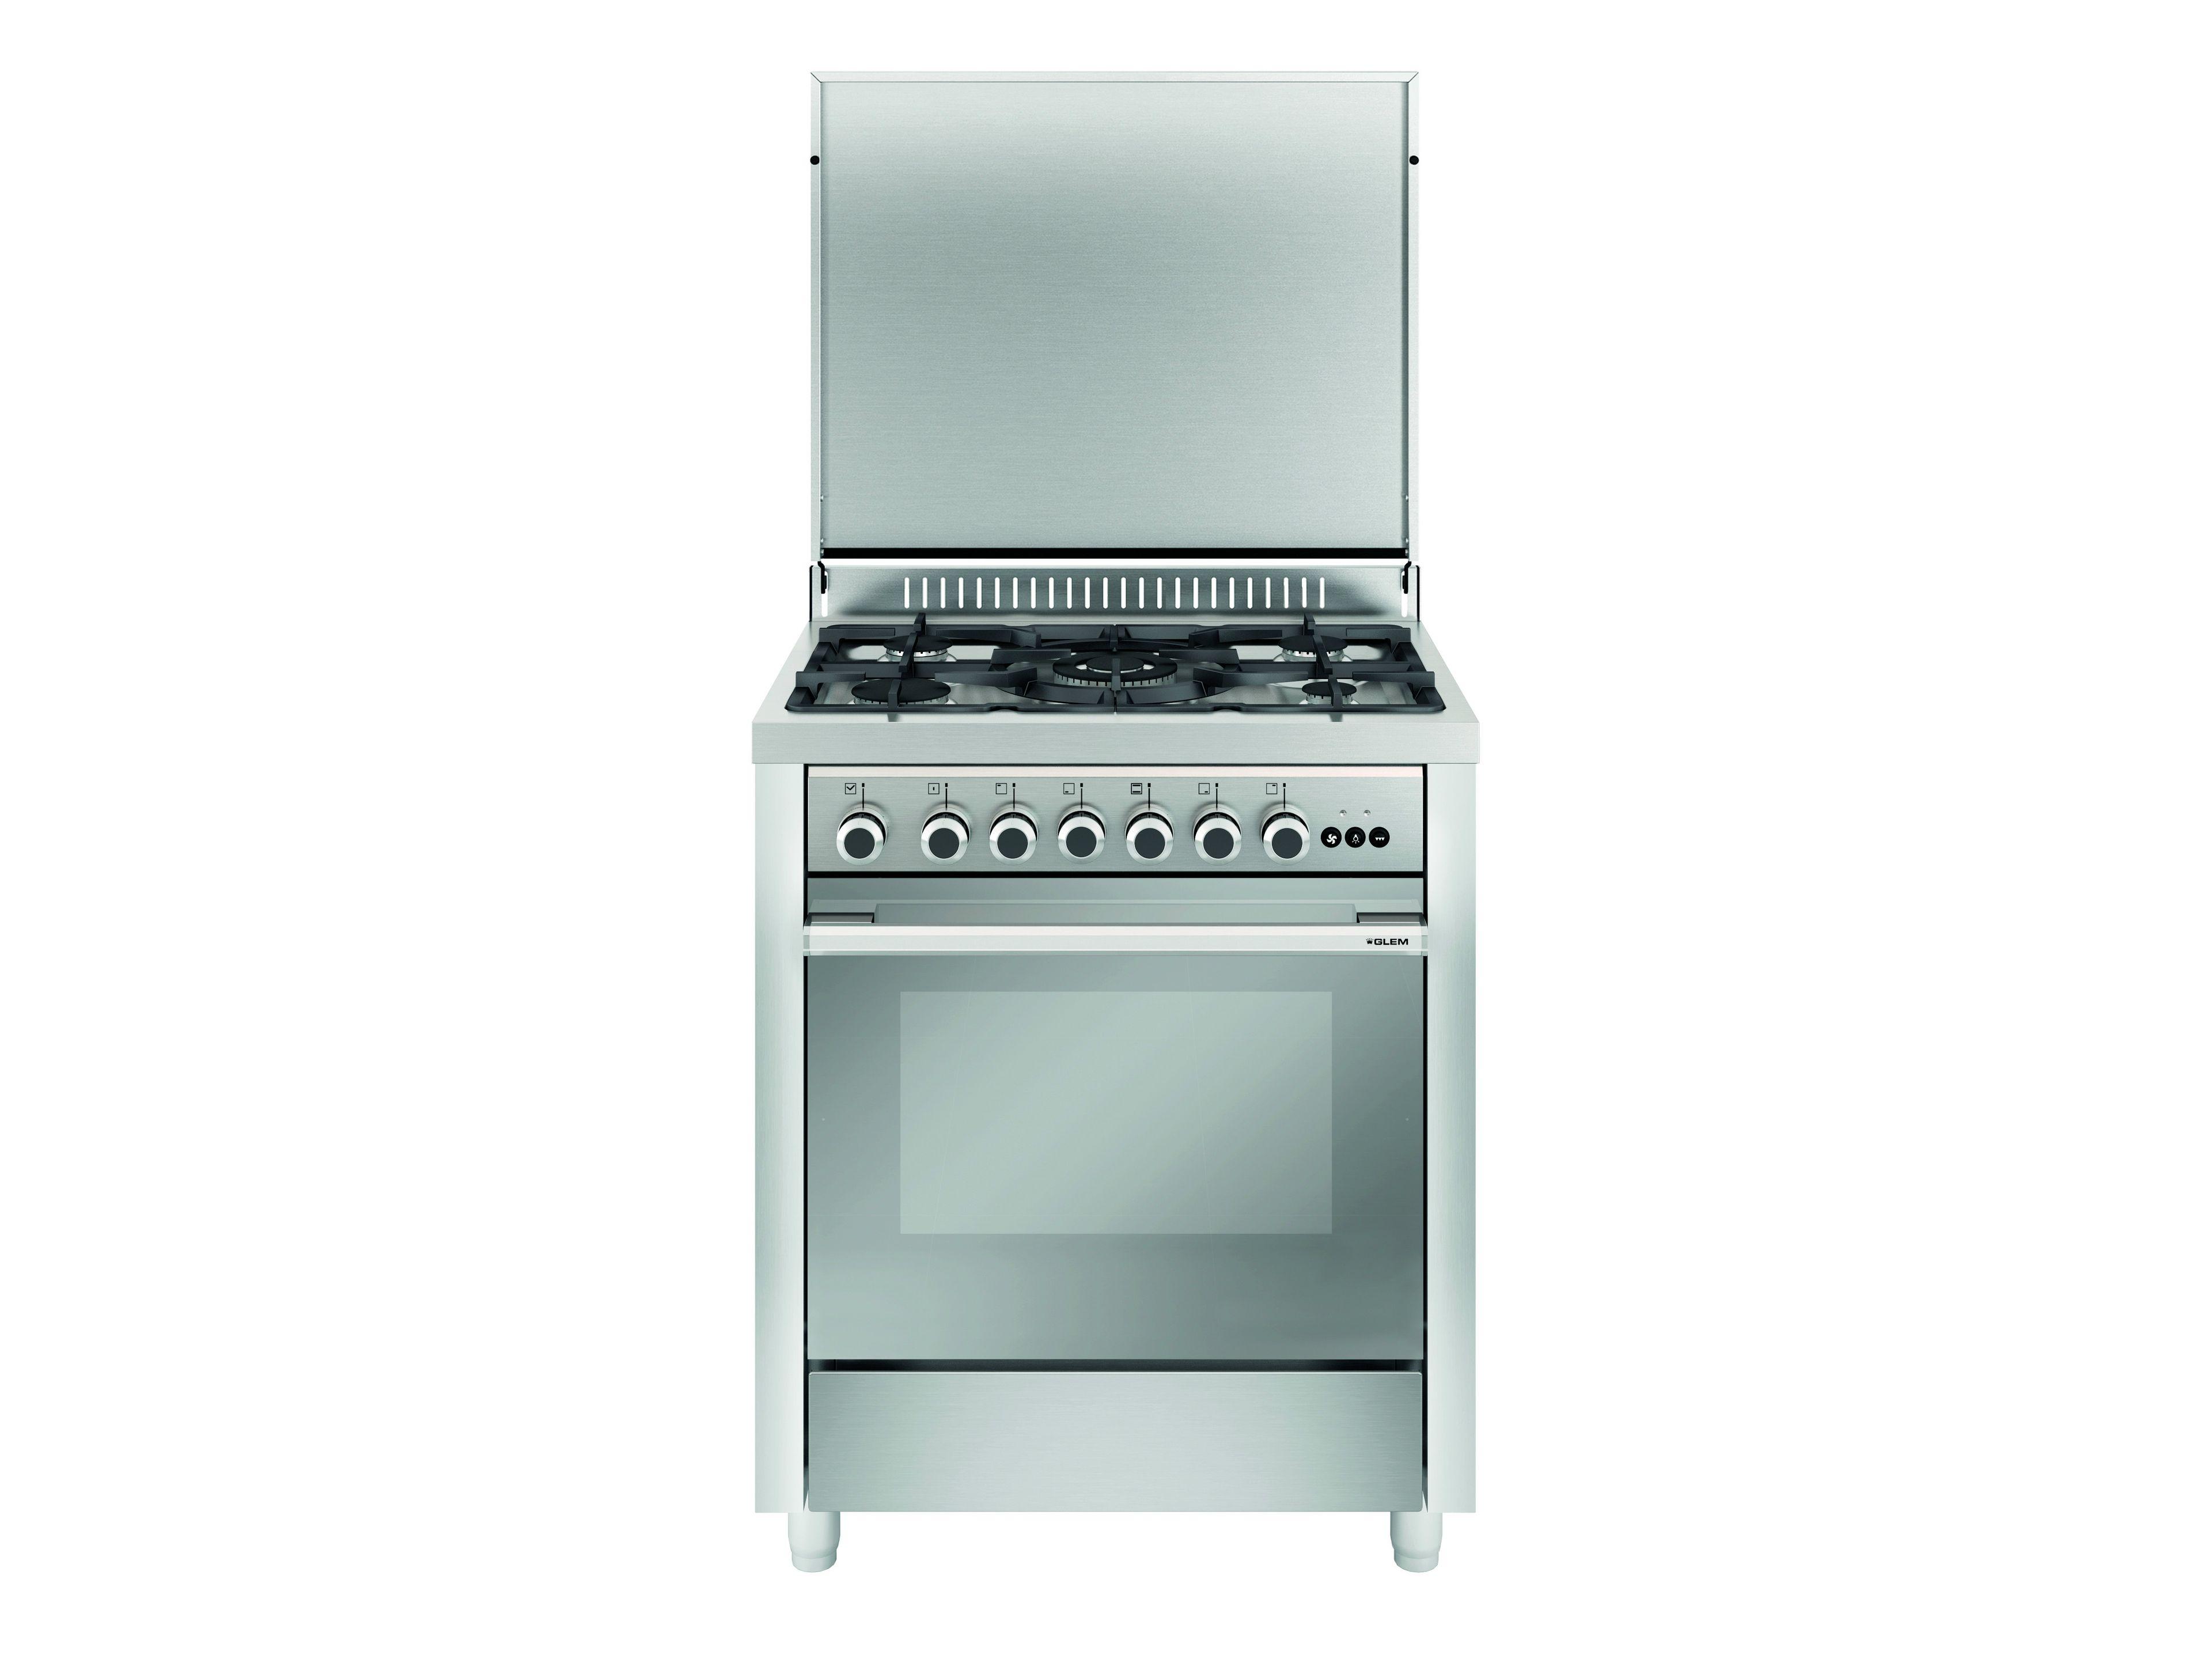 M765vic cucina a libera installazione by glem gas for Cucina libera installazione